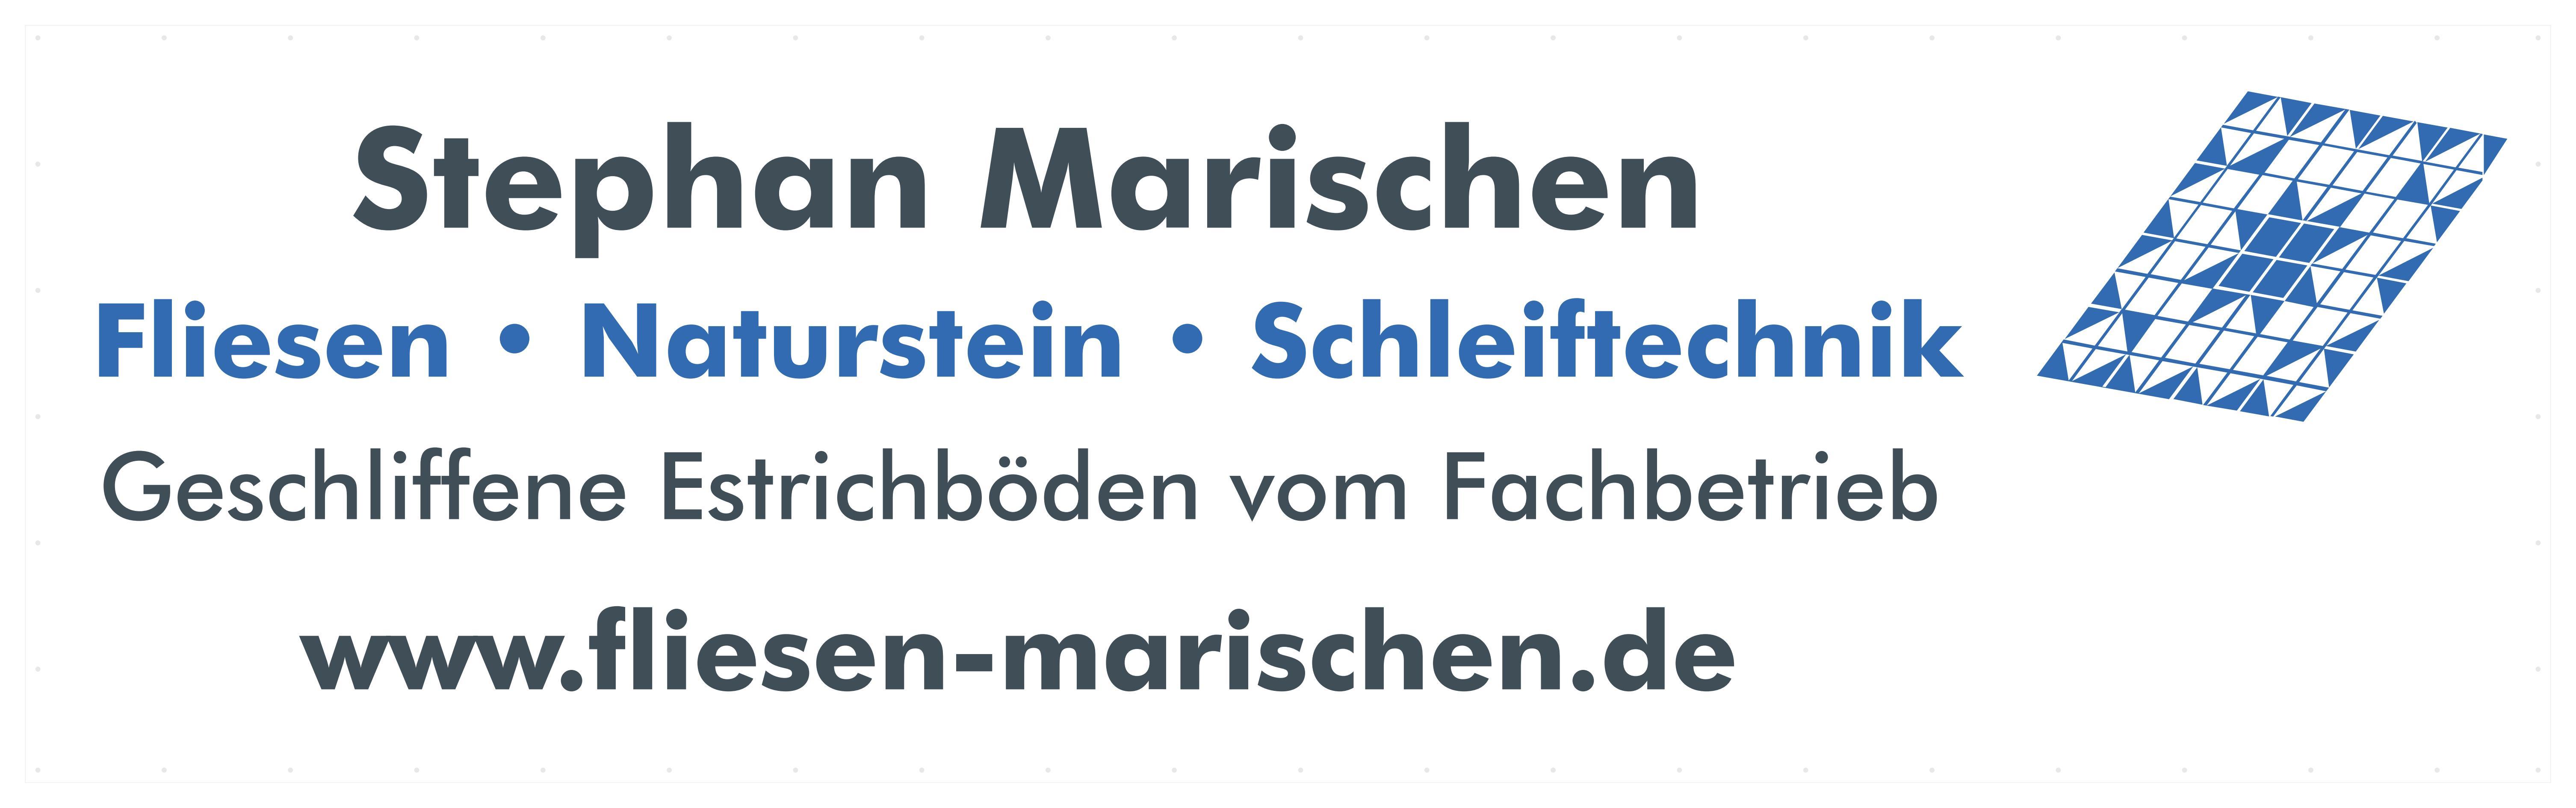 Marischen_01